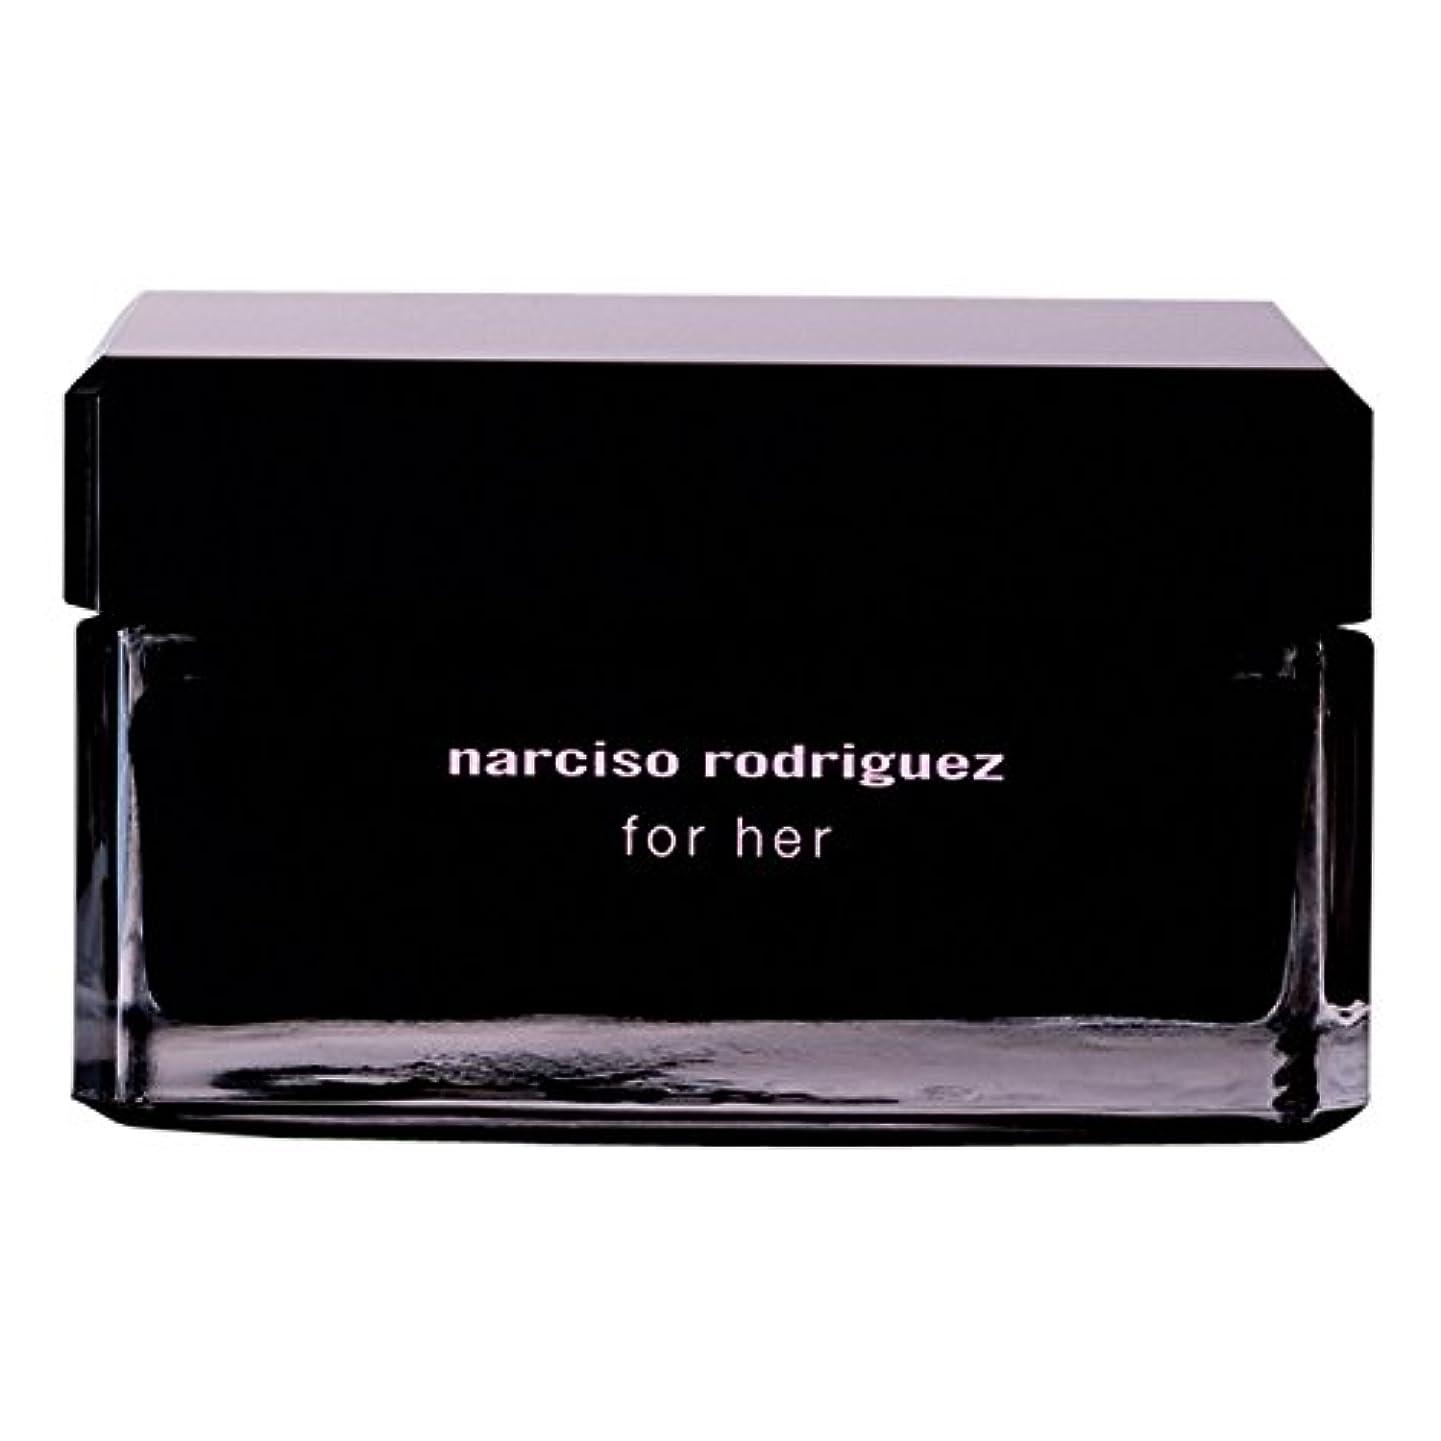 水没ボクシング冷ややかなナルシソ?ロドリゲスボディクリーム150ミリリットル (Narciso Rodriguez) (x6) - Narciso Rodriguez Body Cream 150ml (Pack of 6) [並行輸入品]